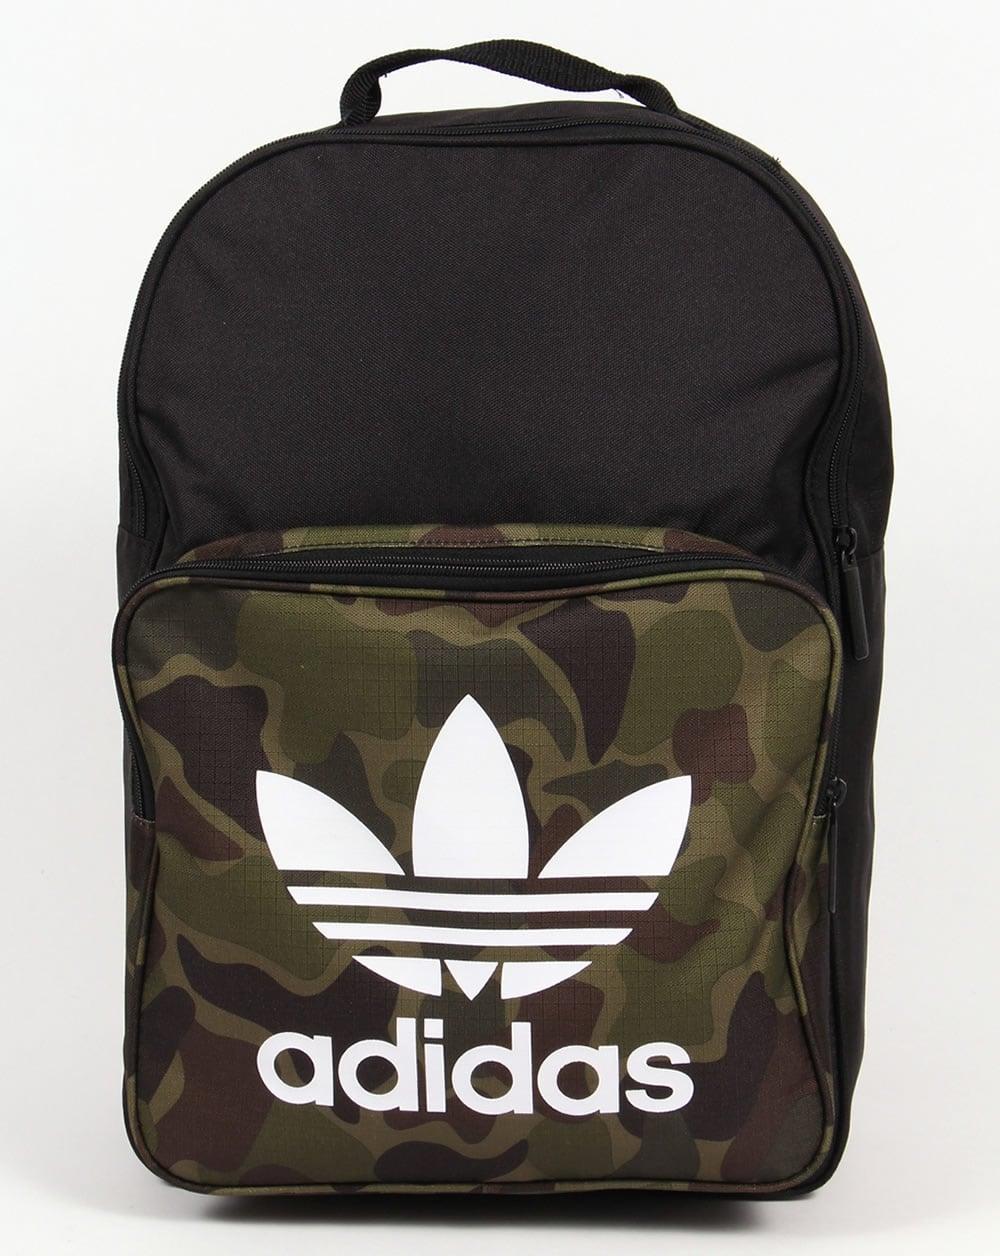 3f4201b5d6 adidas Originals Adidas Originals Classic Camo Backpack Black